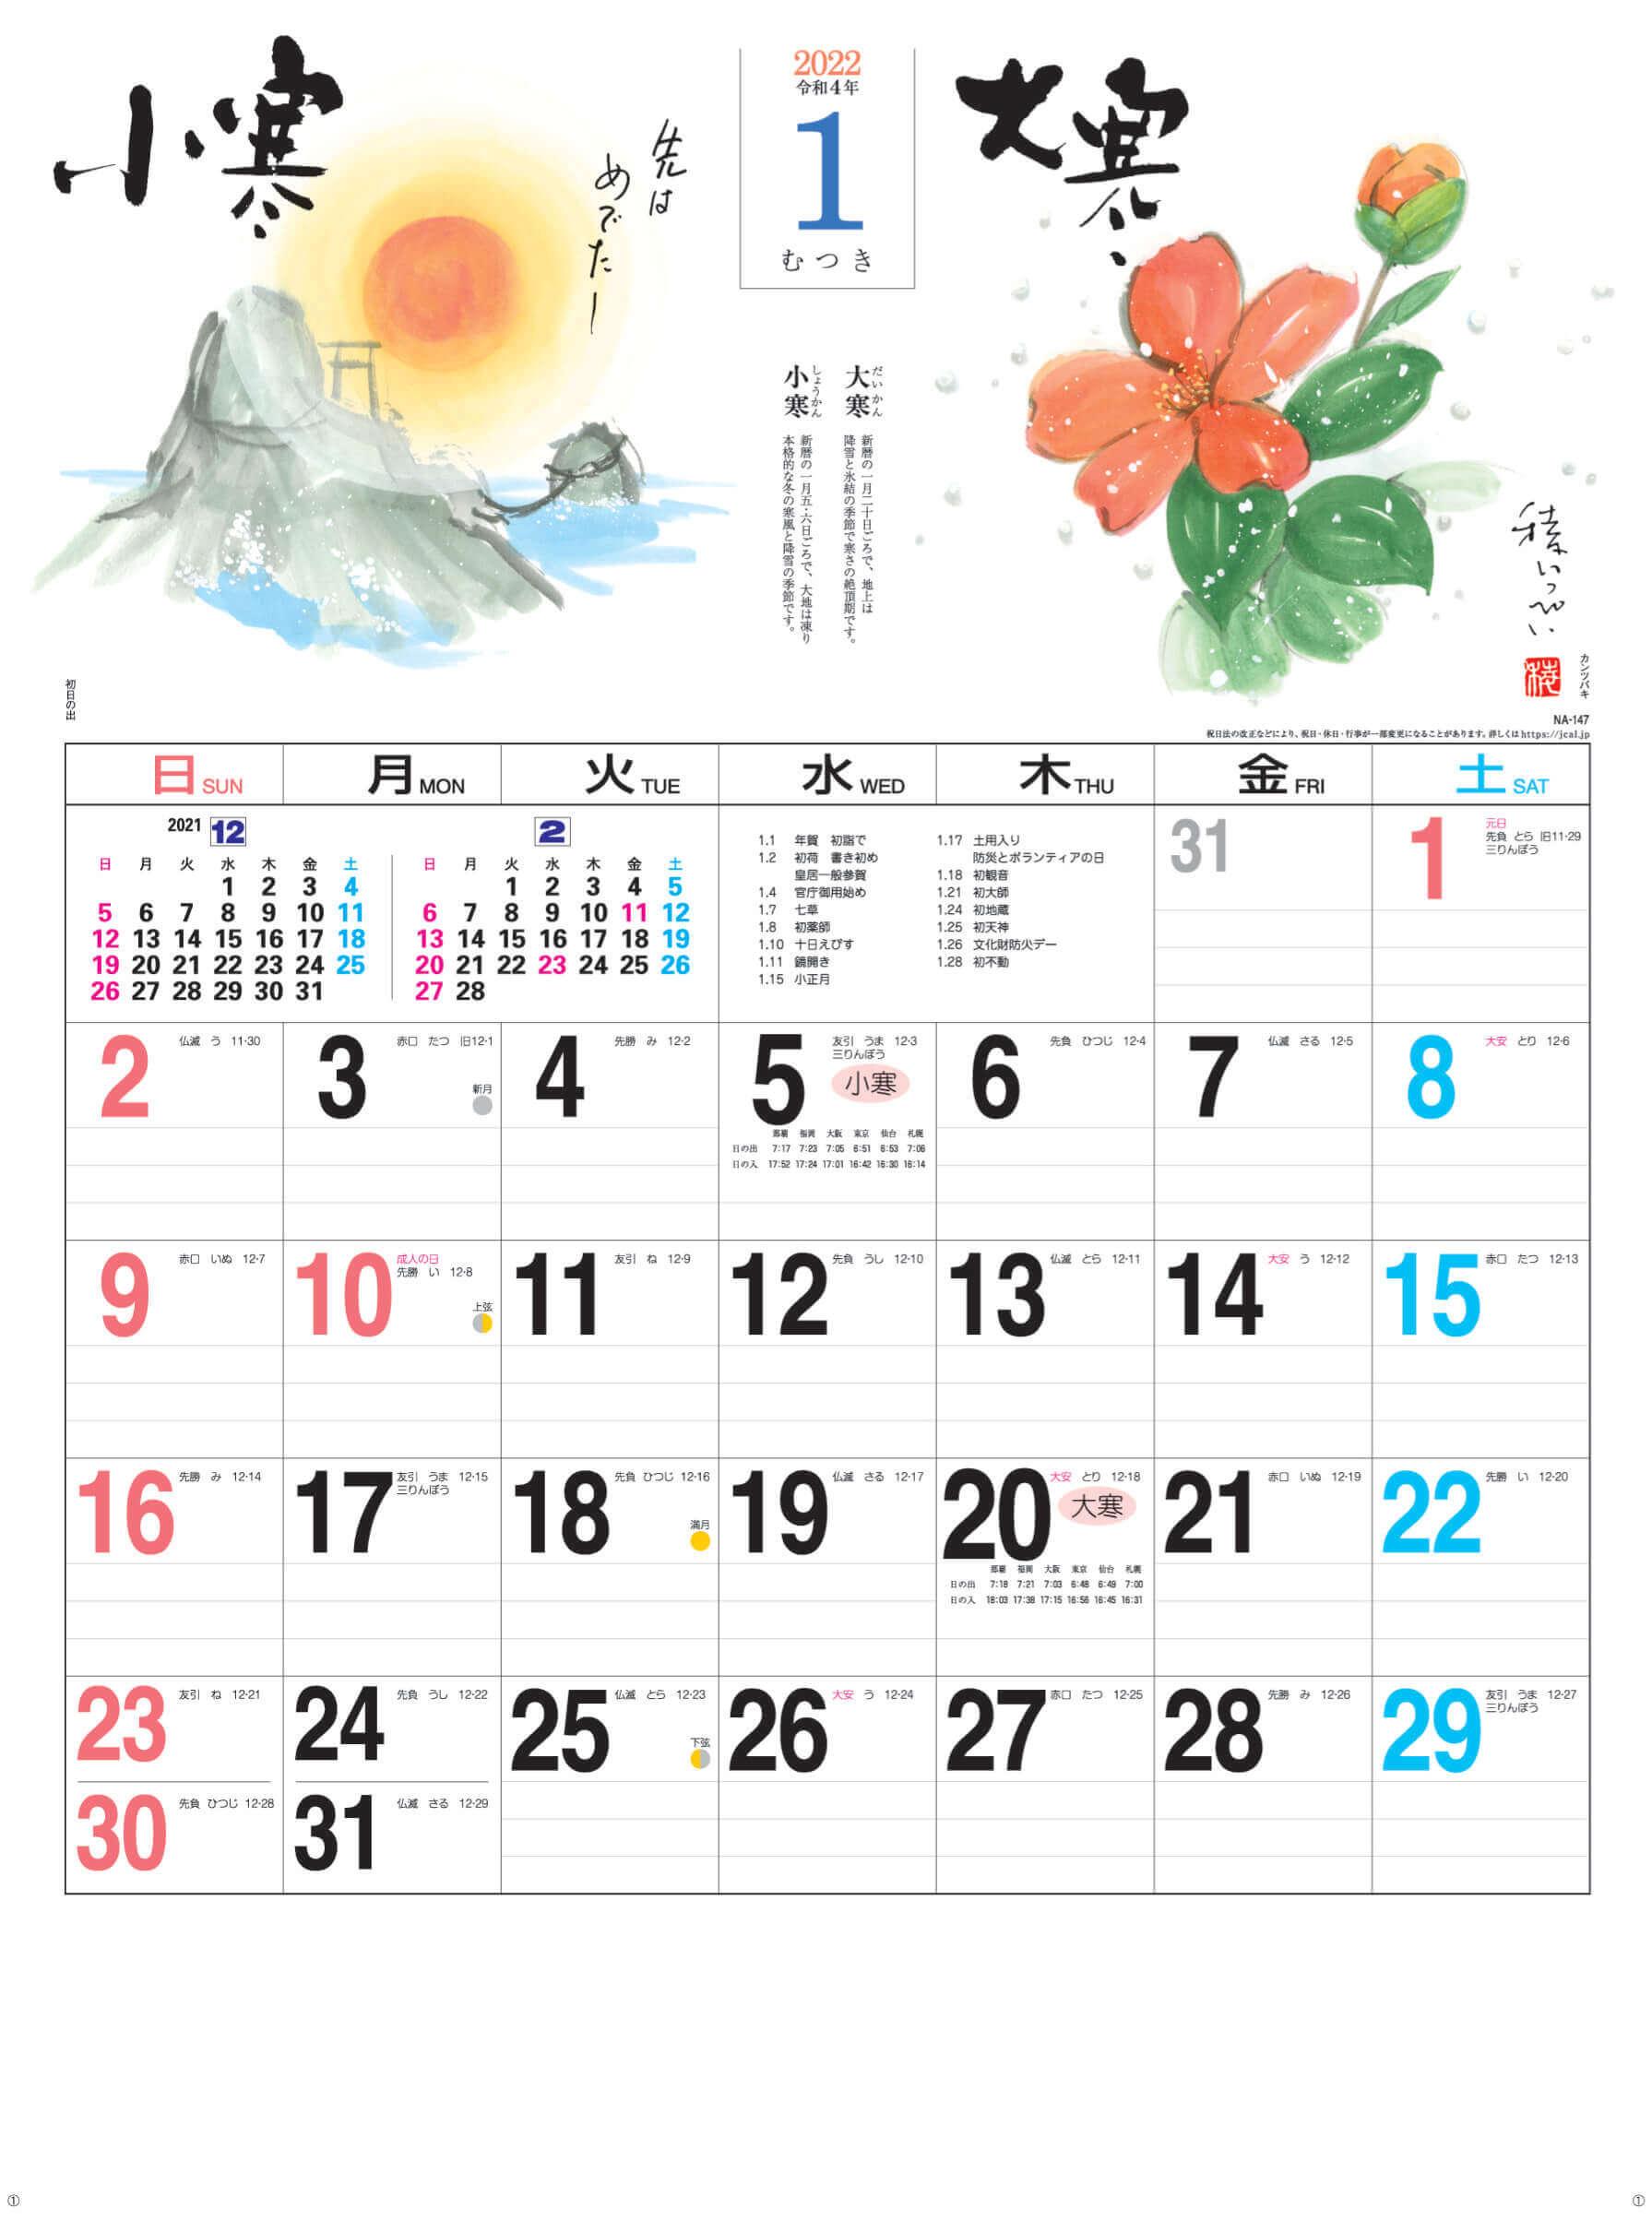 1月(むつき)小寒-大寒 二十四節季 2022年カレンダーの画像